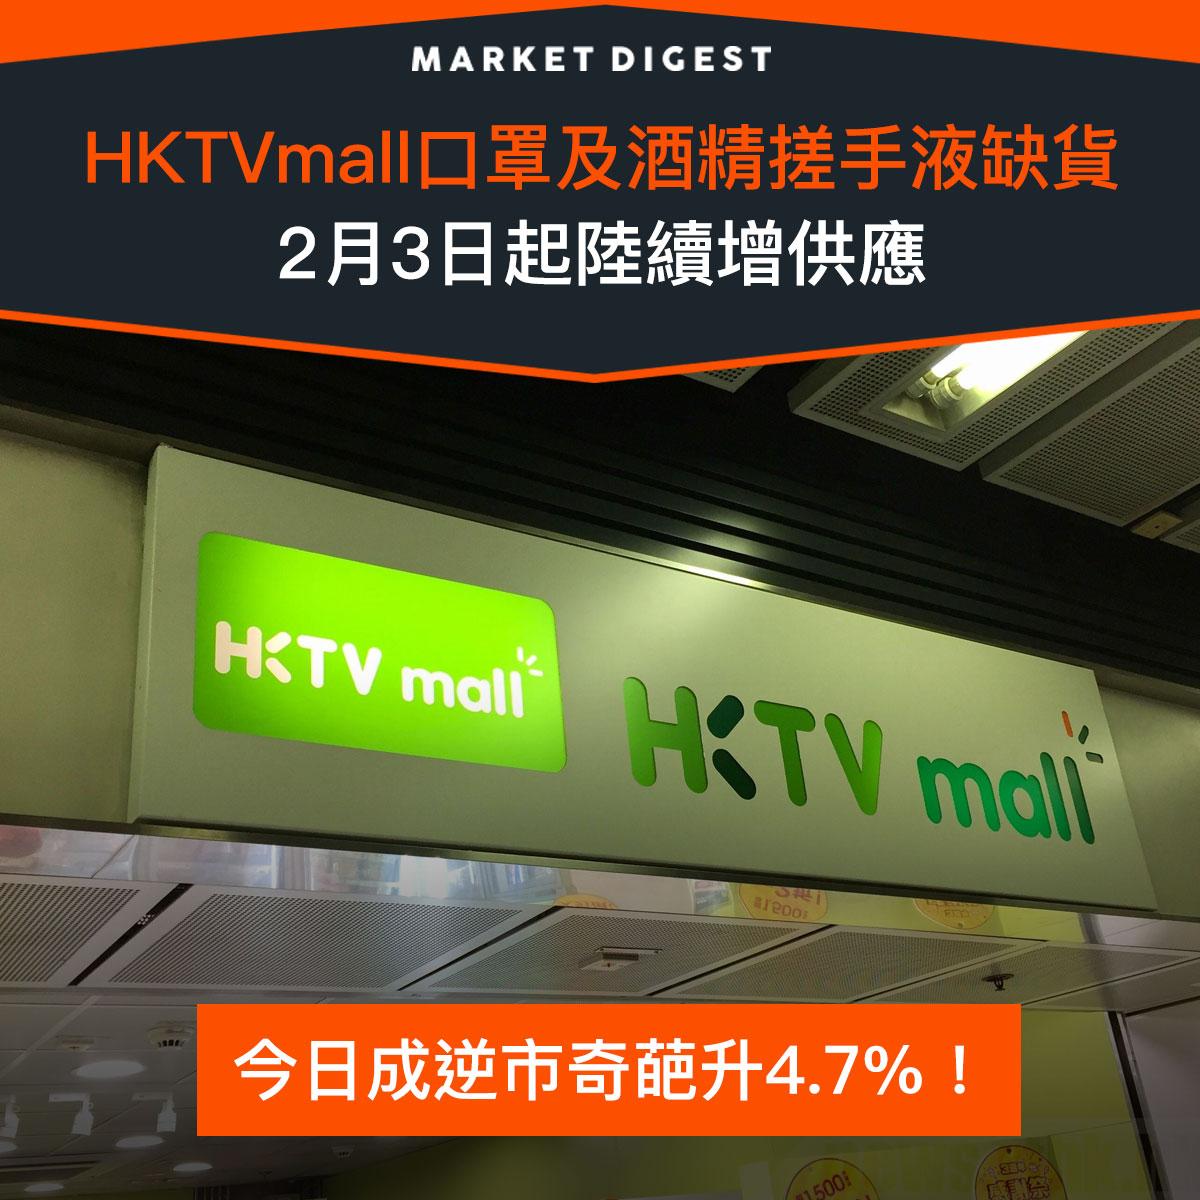 【市場熱話】香港電視(1137)口罩及酒精搓手液缺貨,成逆市奇葩升4.7%